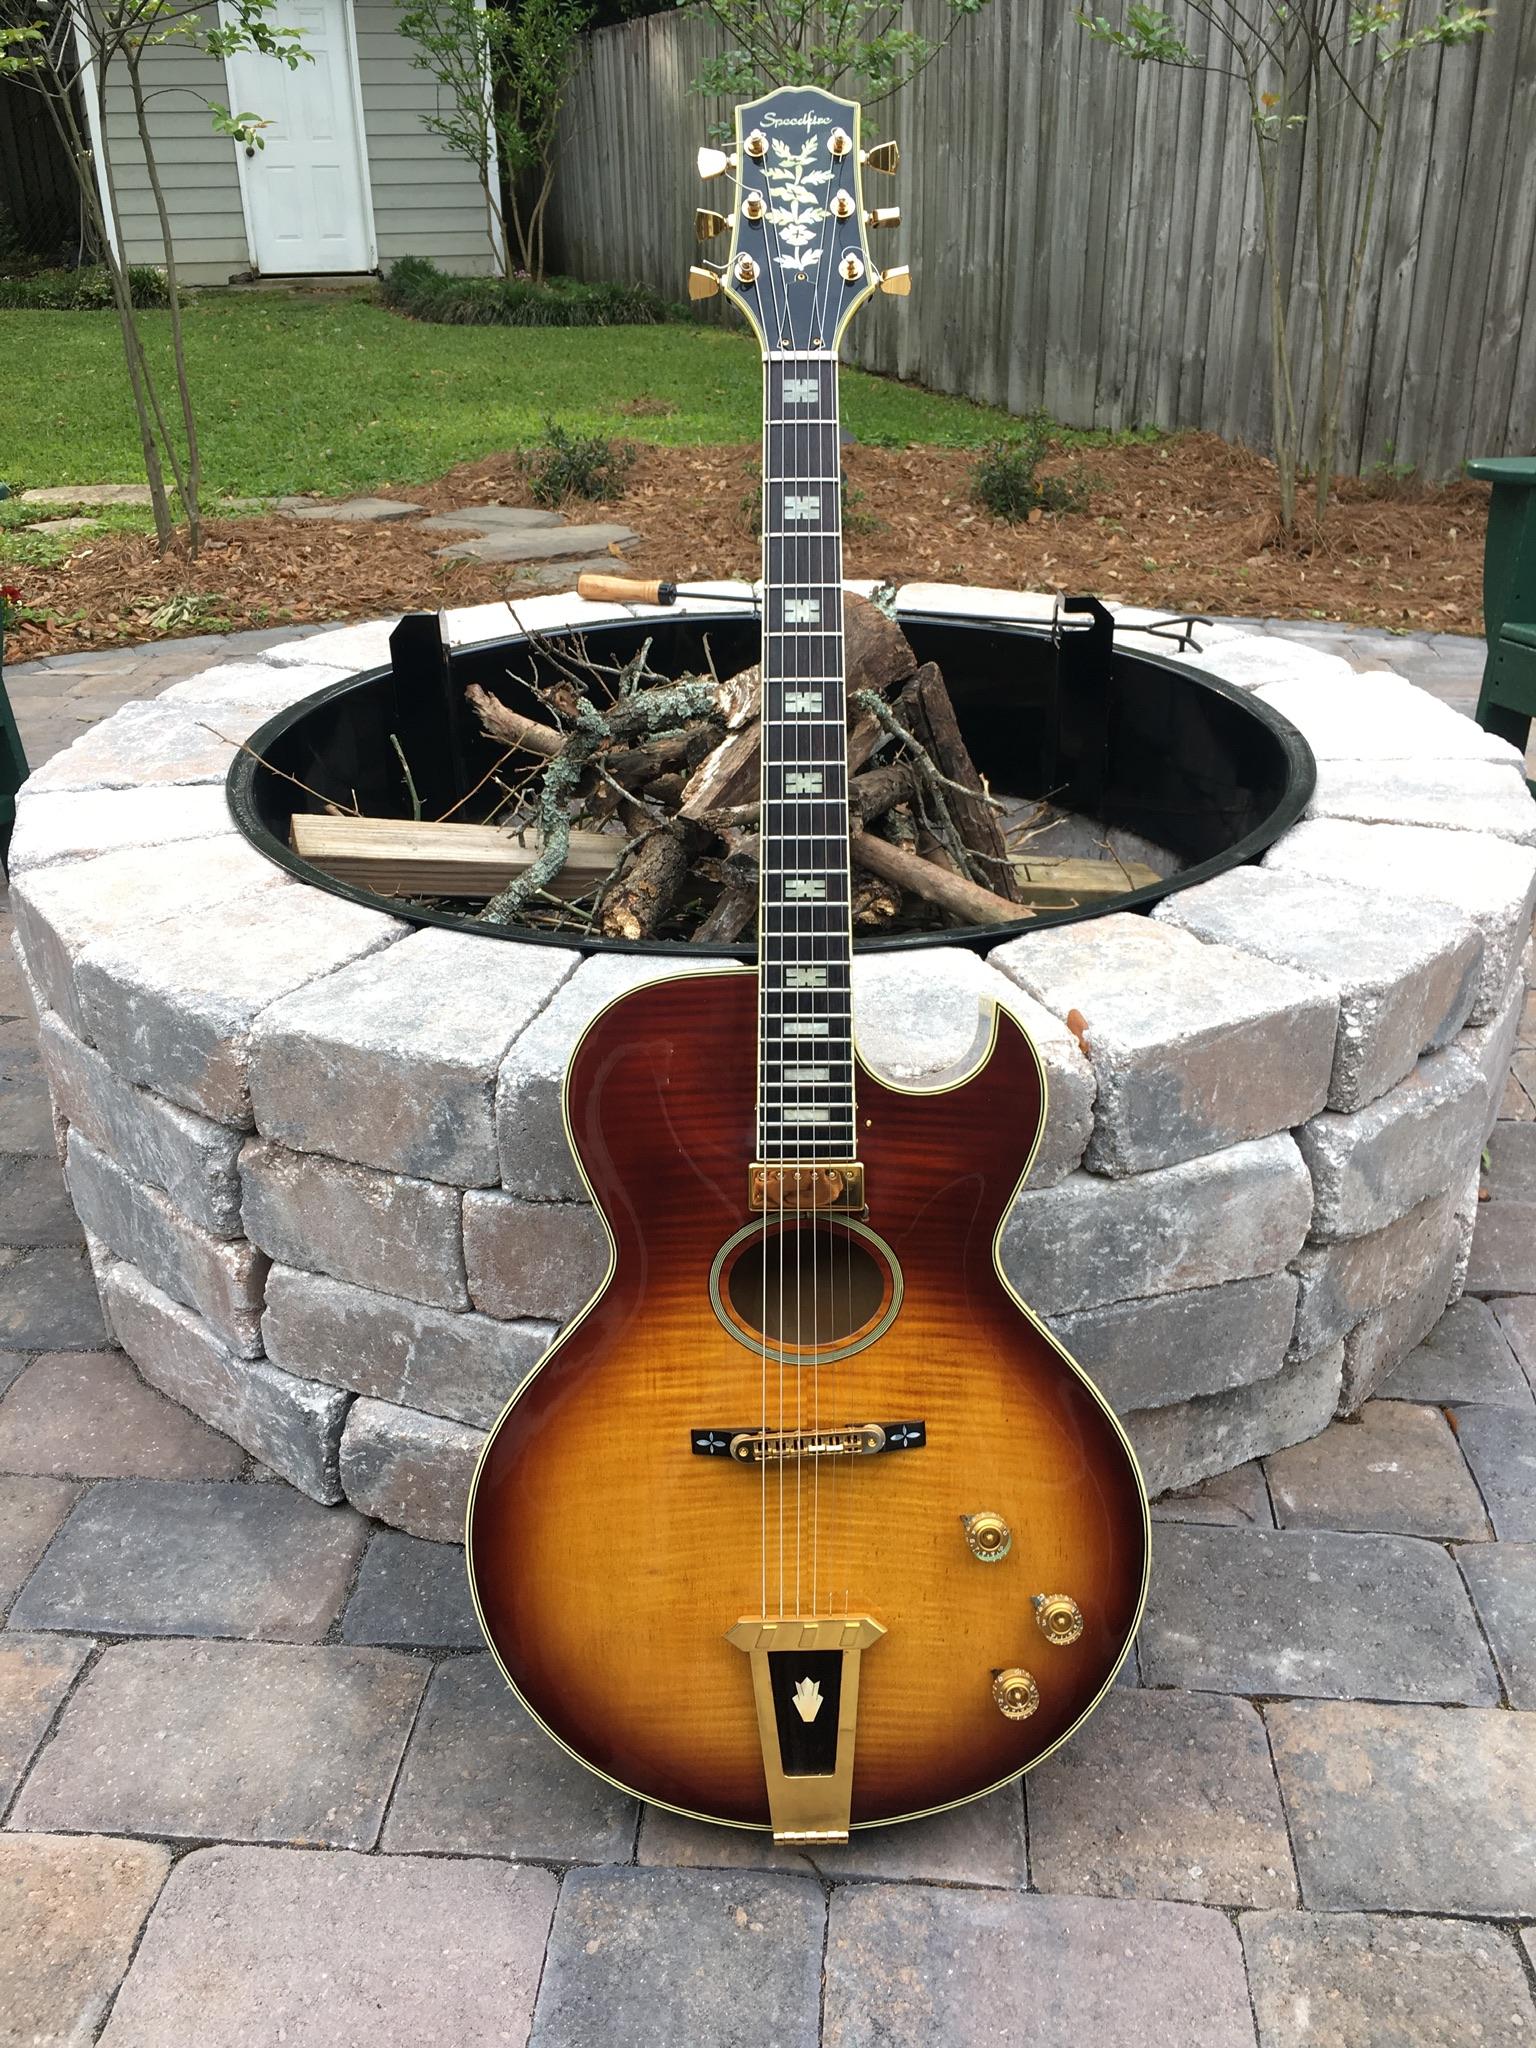 Japanese MANN Howard Roberts guitar (Ibanez 2453 ?)-5db3df4a-f721-493d-af5e-3a4a987a17c3-jpeg